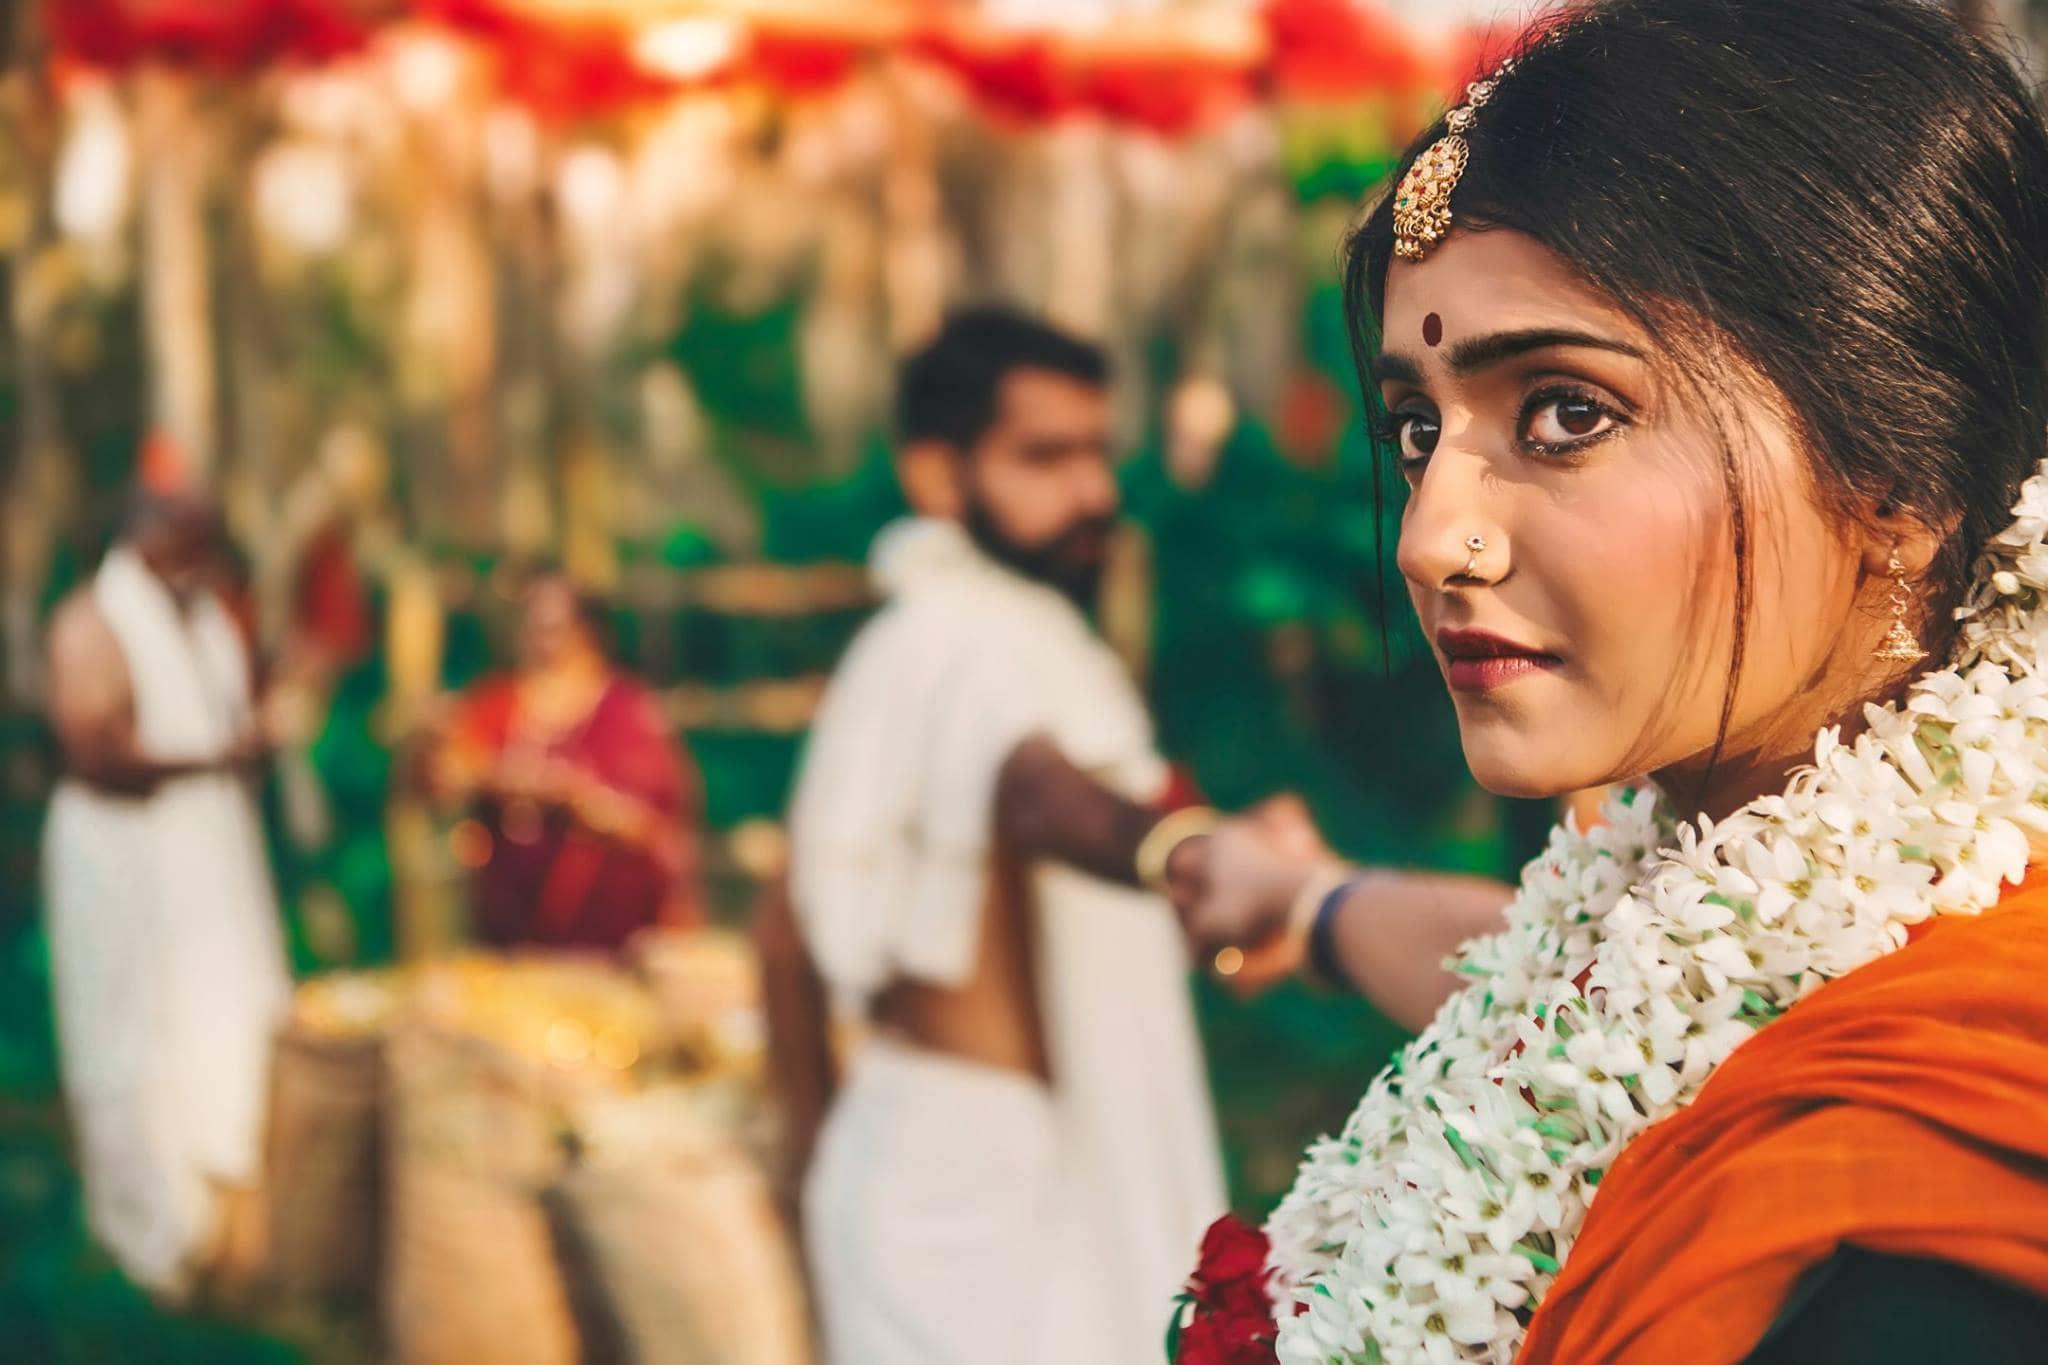 An-Award-winning-photo-story-Avani-By-Arjun-Kamath-8